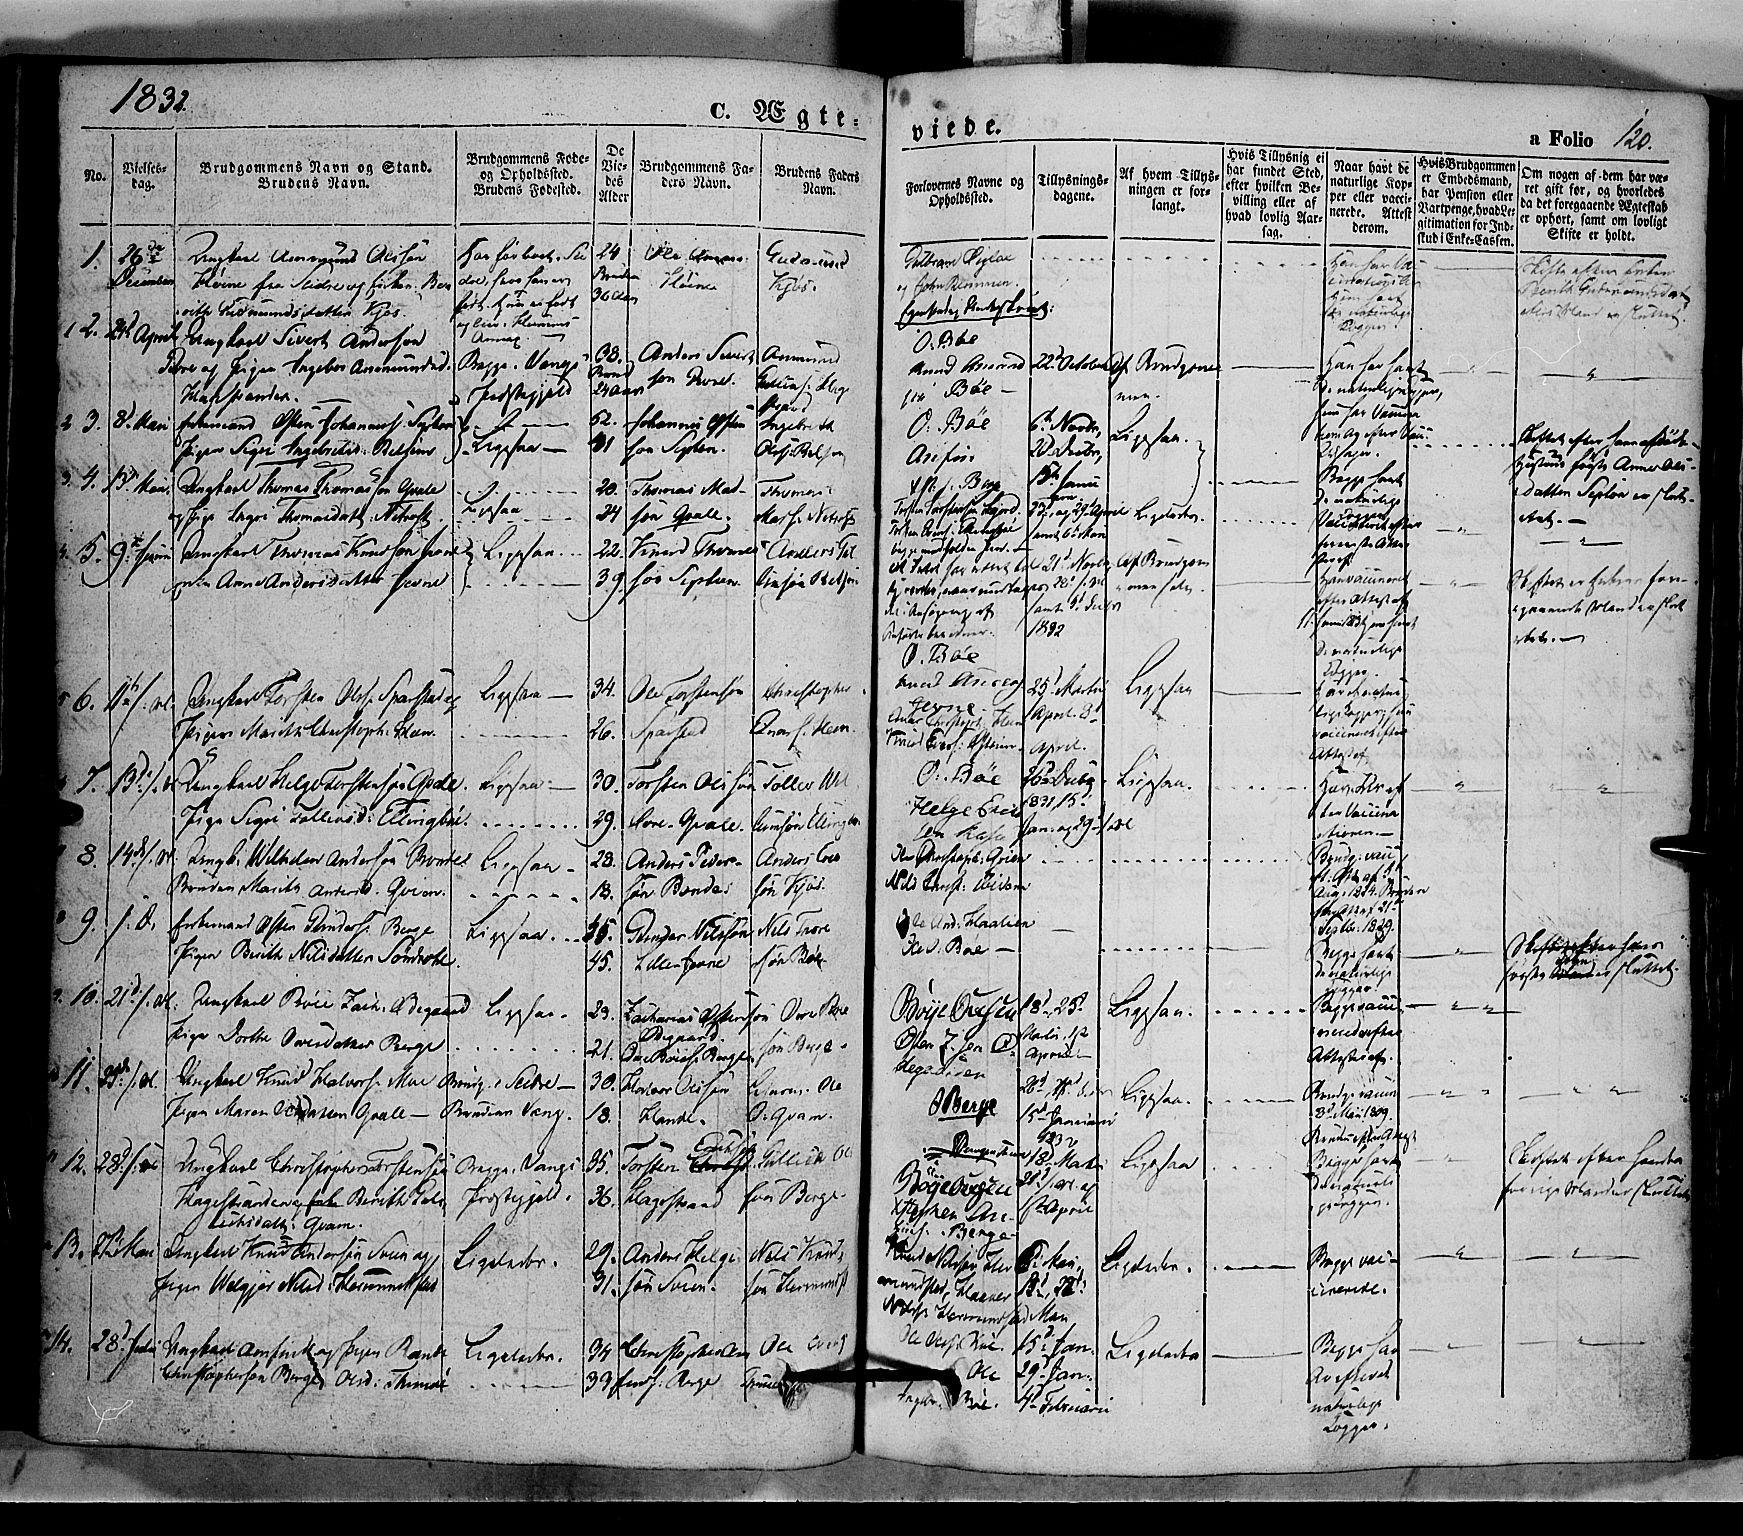 SAH, Vang prestekontor, Valdres, Ministerialbok nr. 5, 1831-1845, s. 120